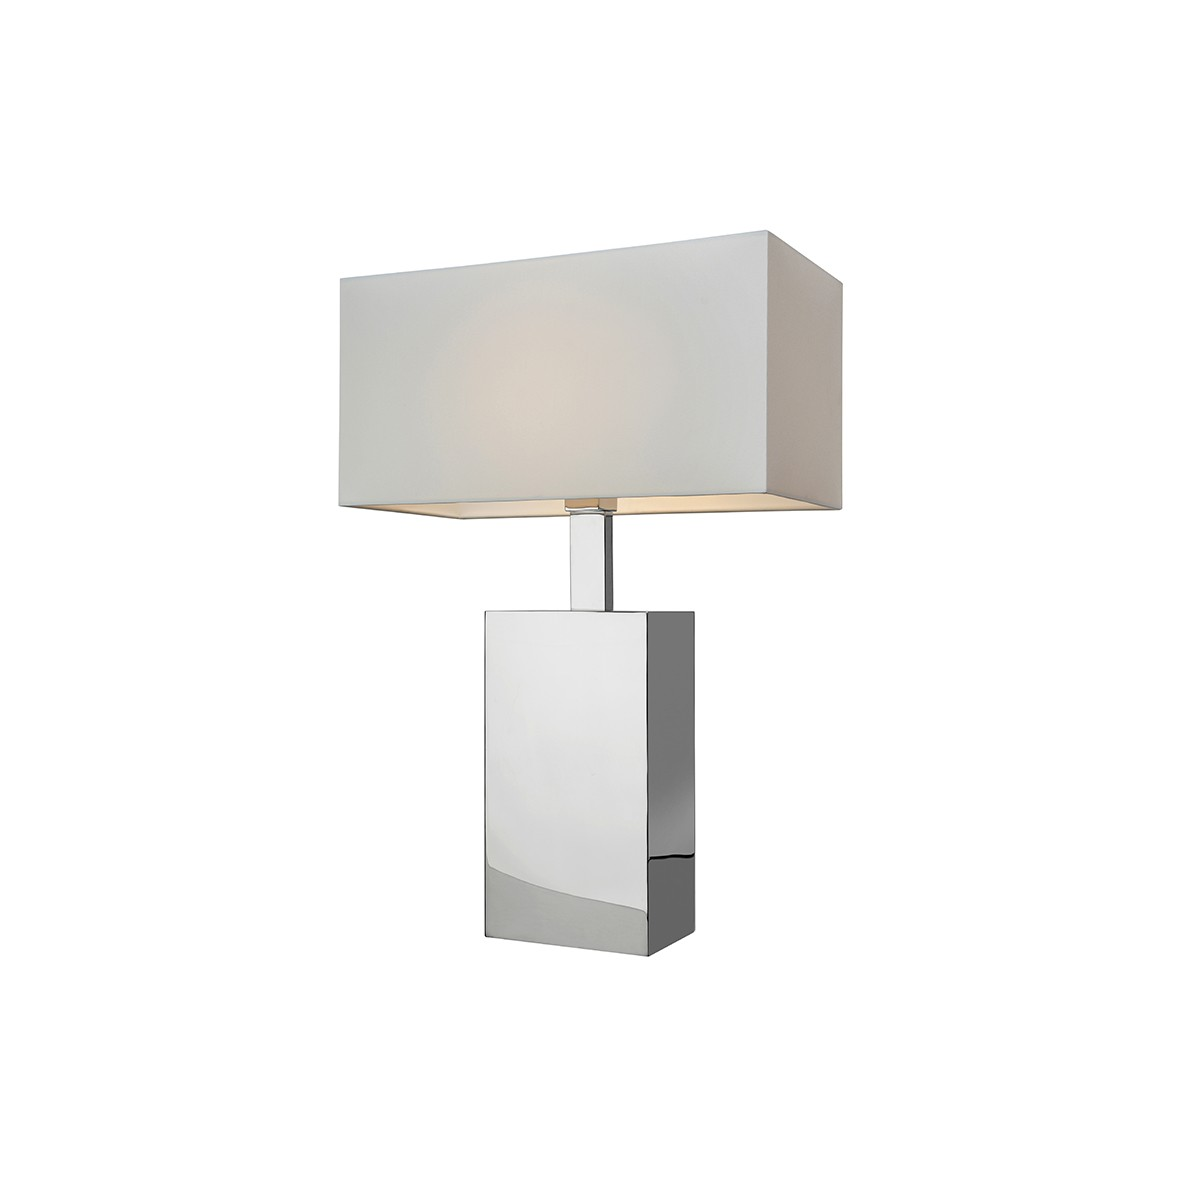 Sompex Block Tischleuchte, Höhe: 56 cm, Edelstahl - Textil: weiß